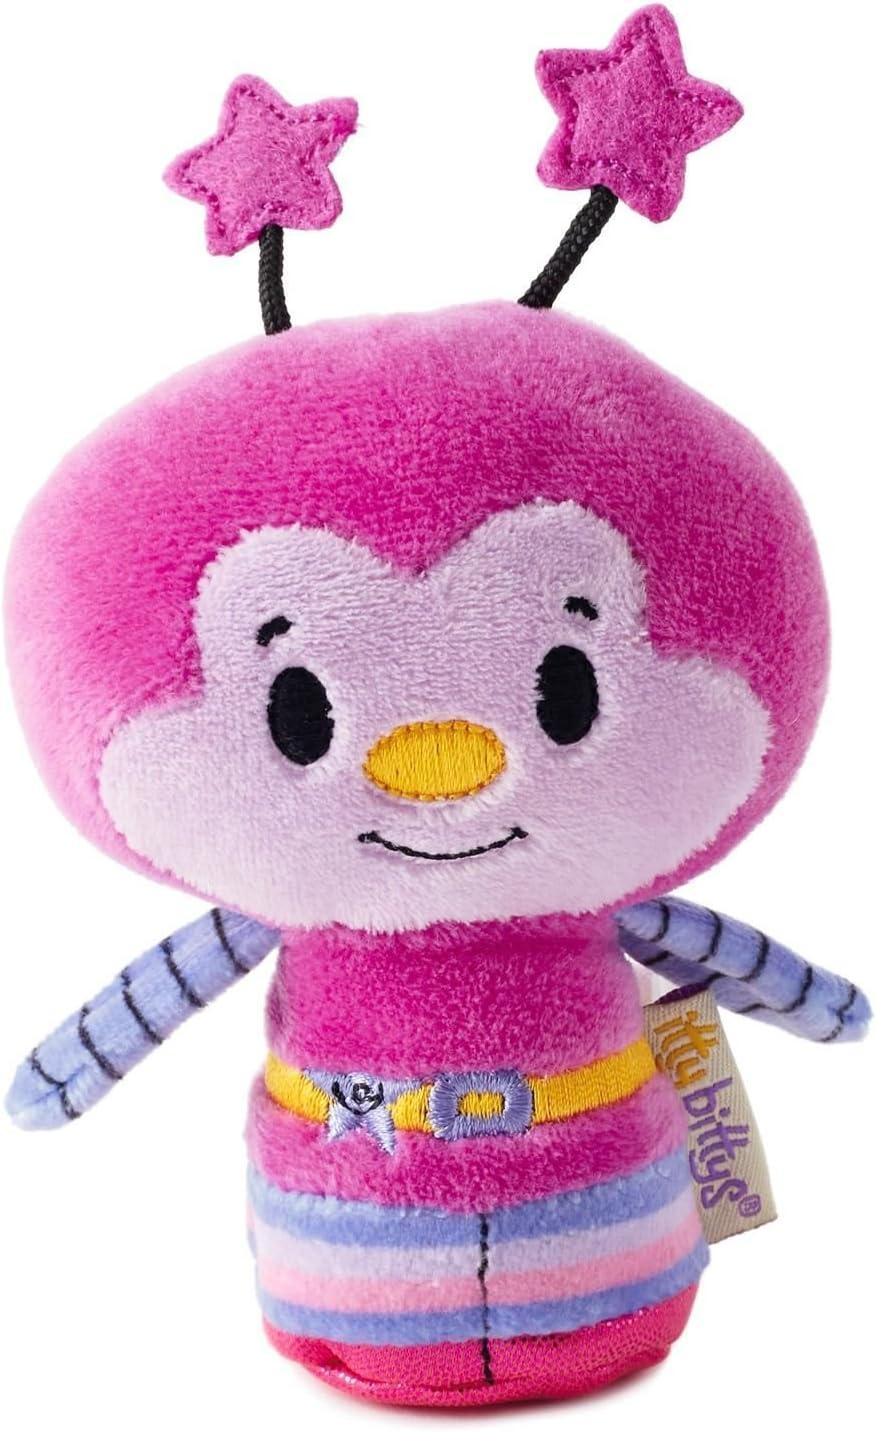 Hallmark Shy Violet's I.Q. Sprite - Itty Bitty Plush Toy